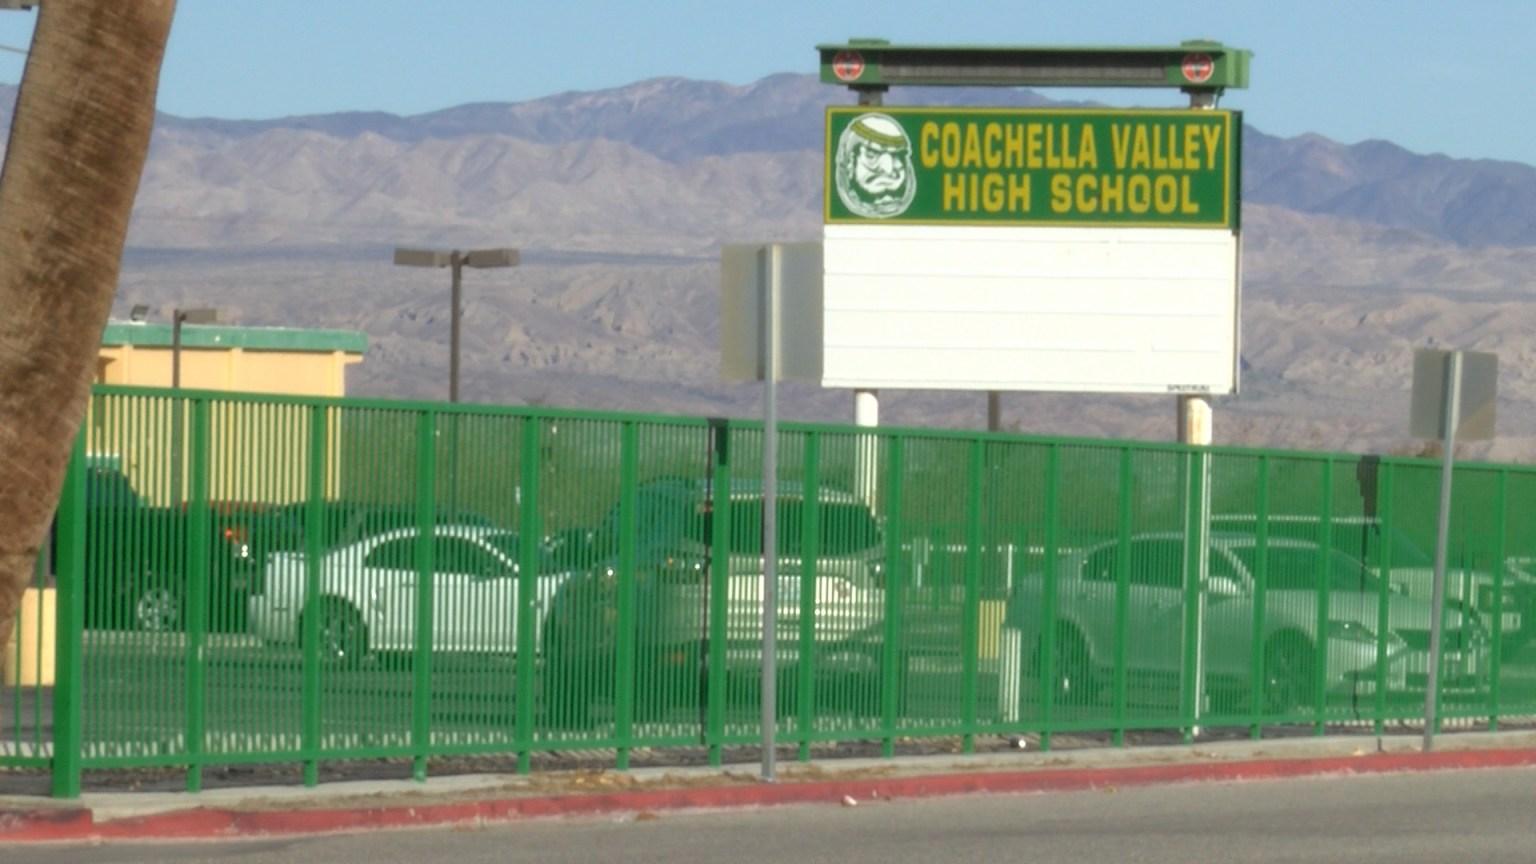 CVUSD explains GPA fluctuations at Coachella Valley High School